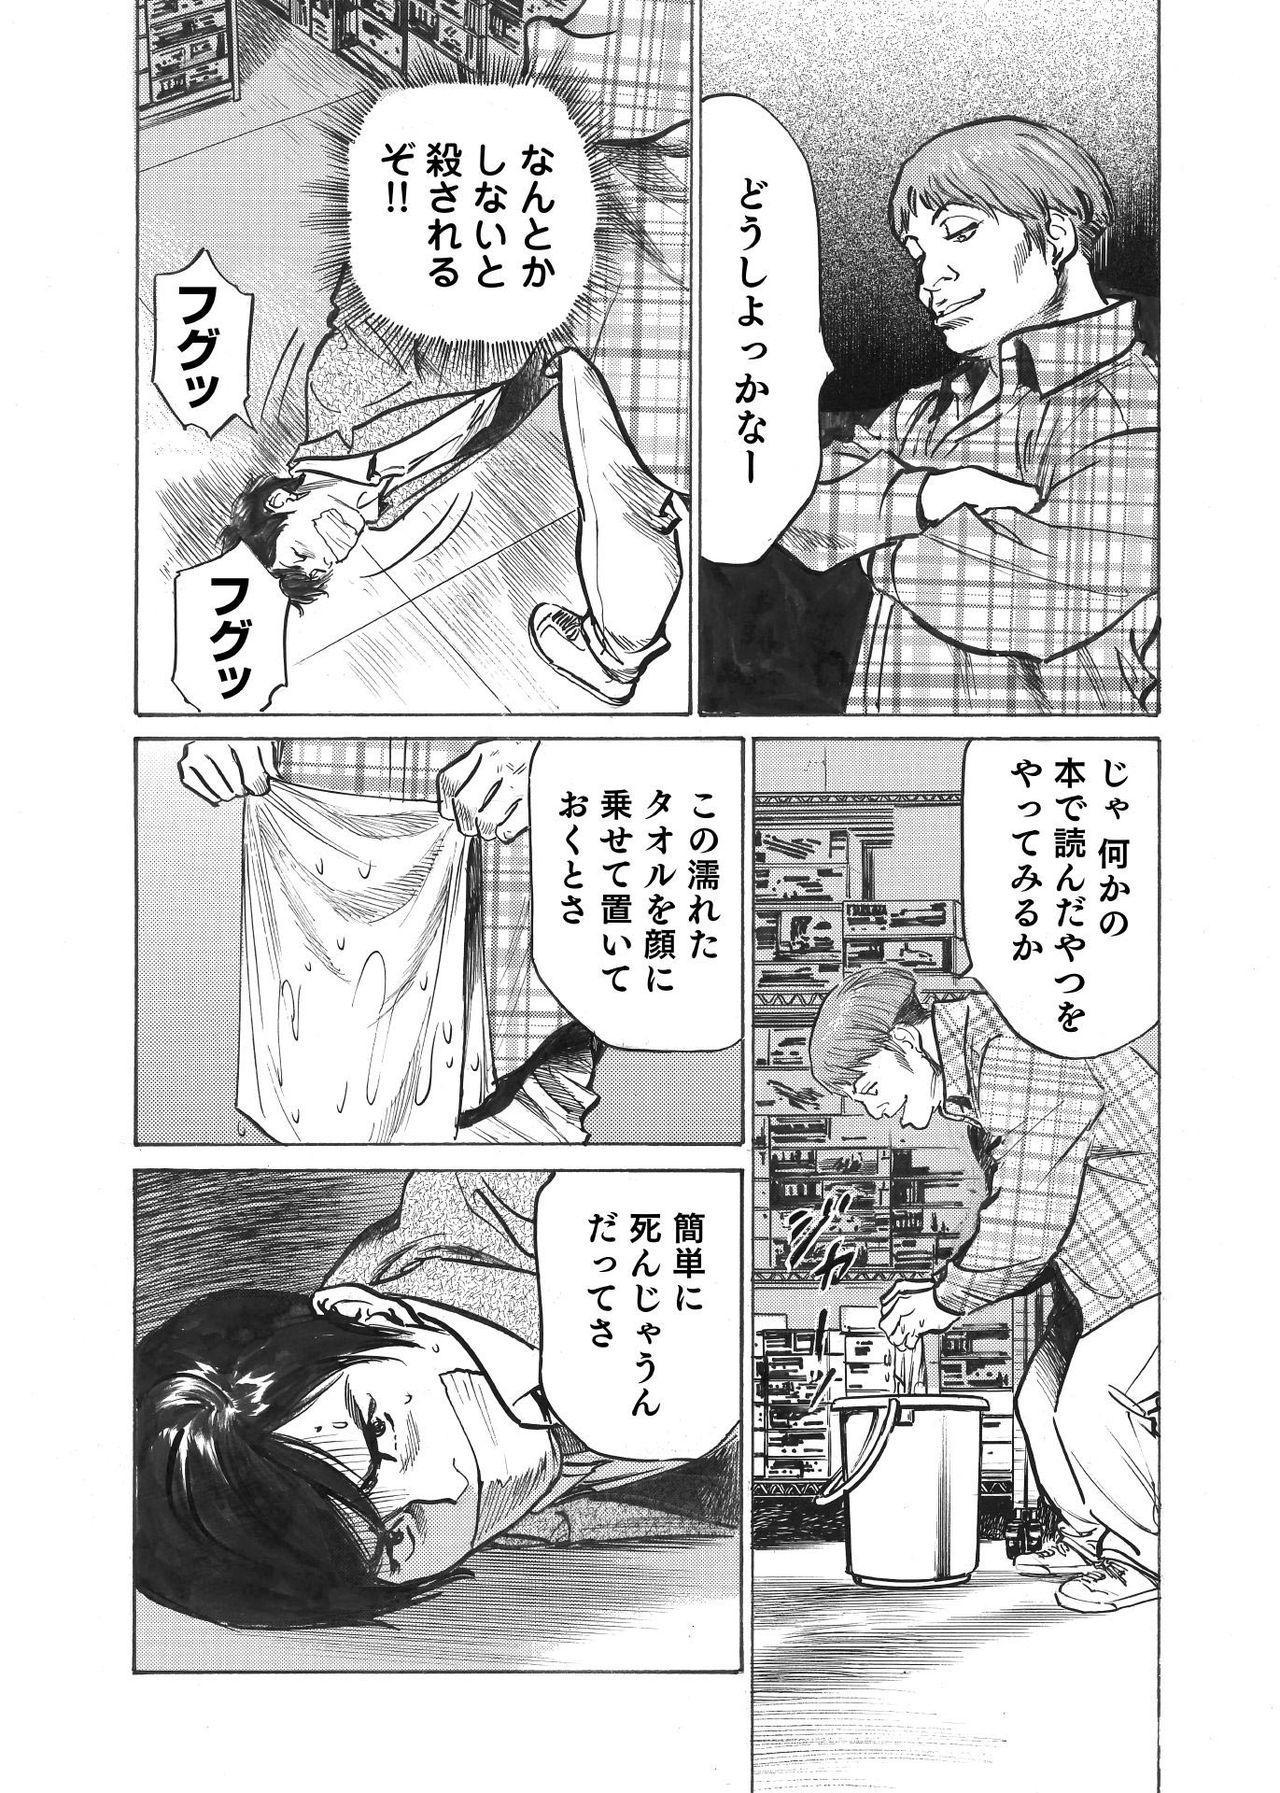 Ore wa Tsuma no Koto o Yoku Shiranai 1-9 50